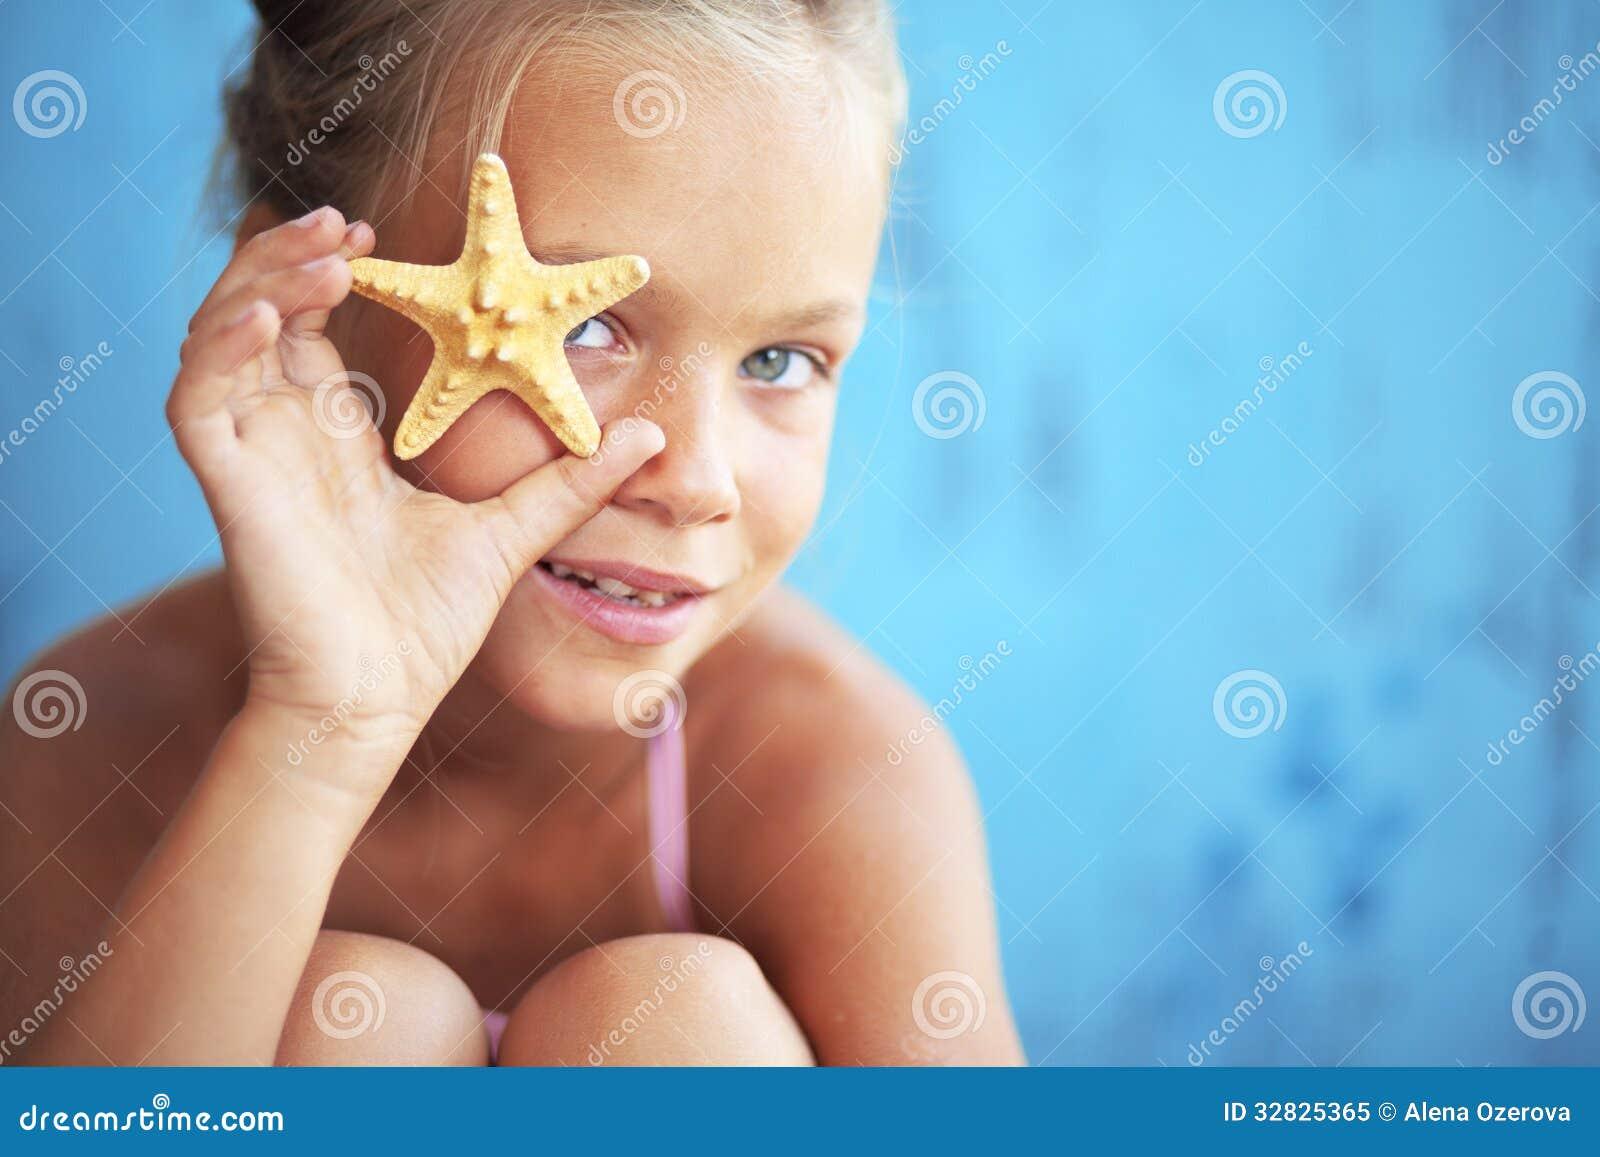 Kind, das Muschel hält